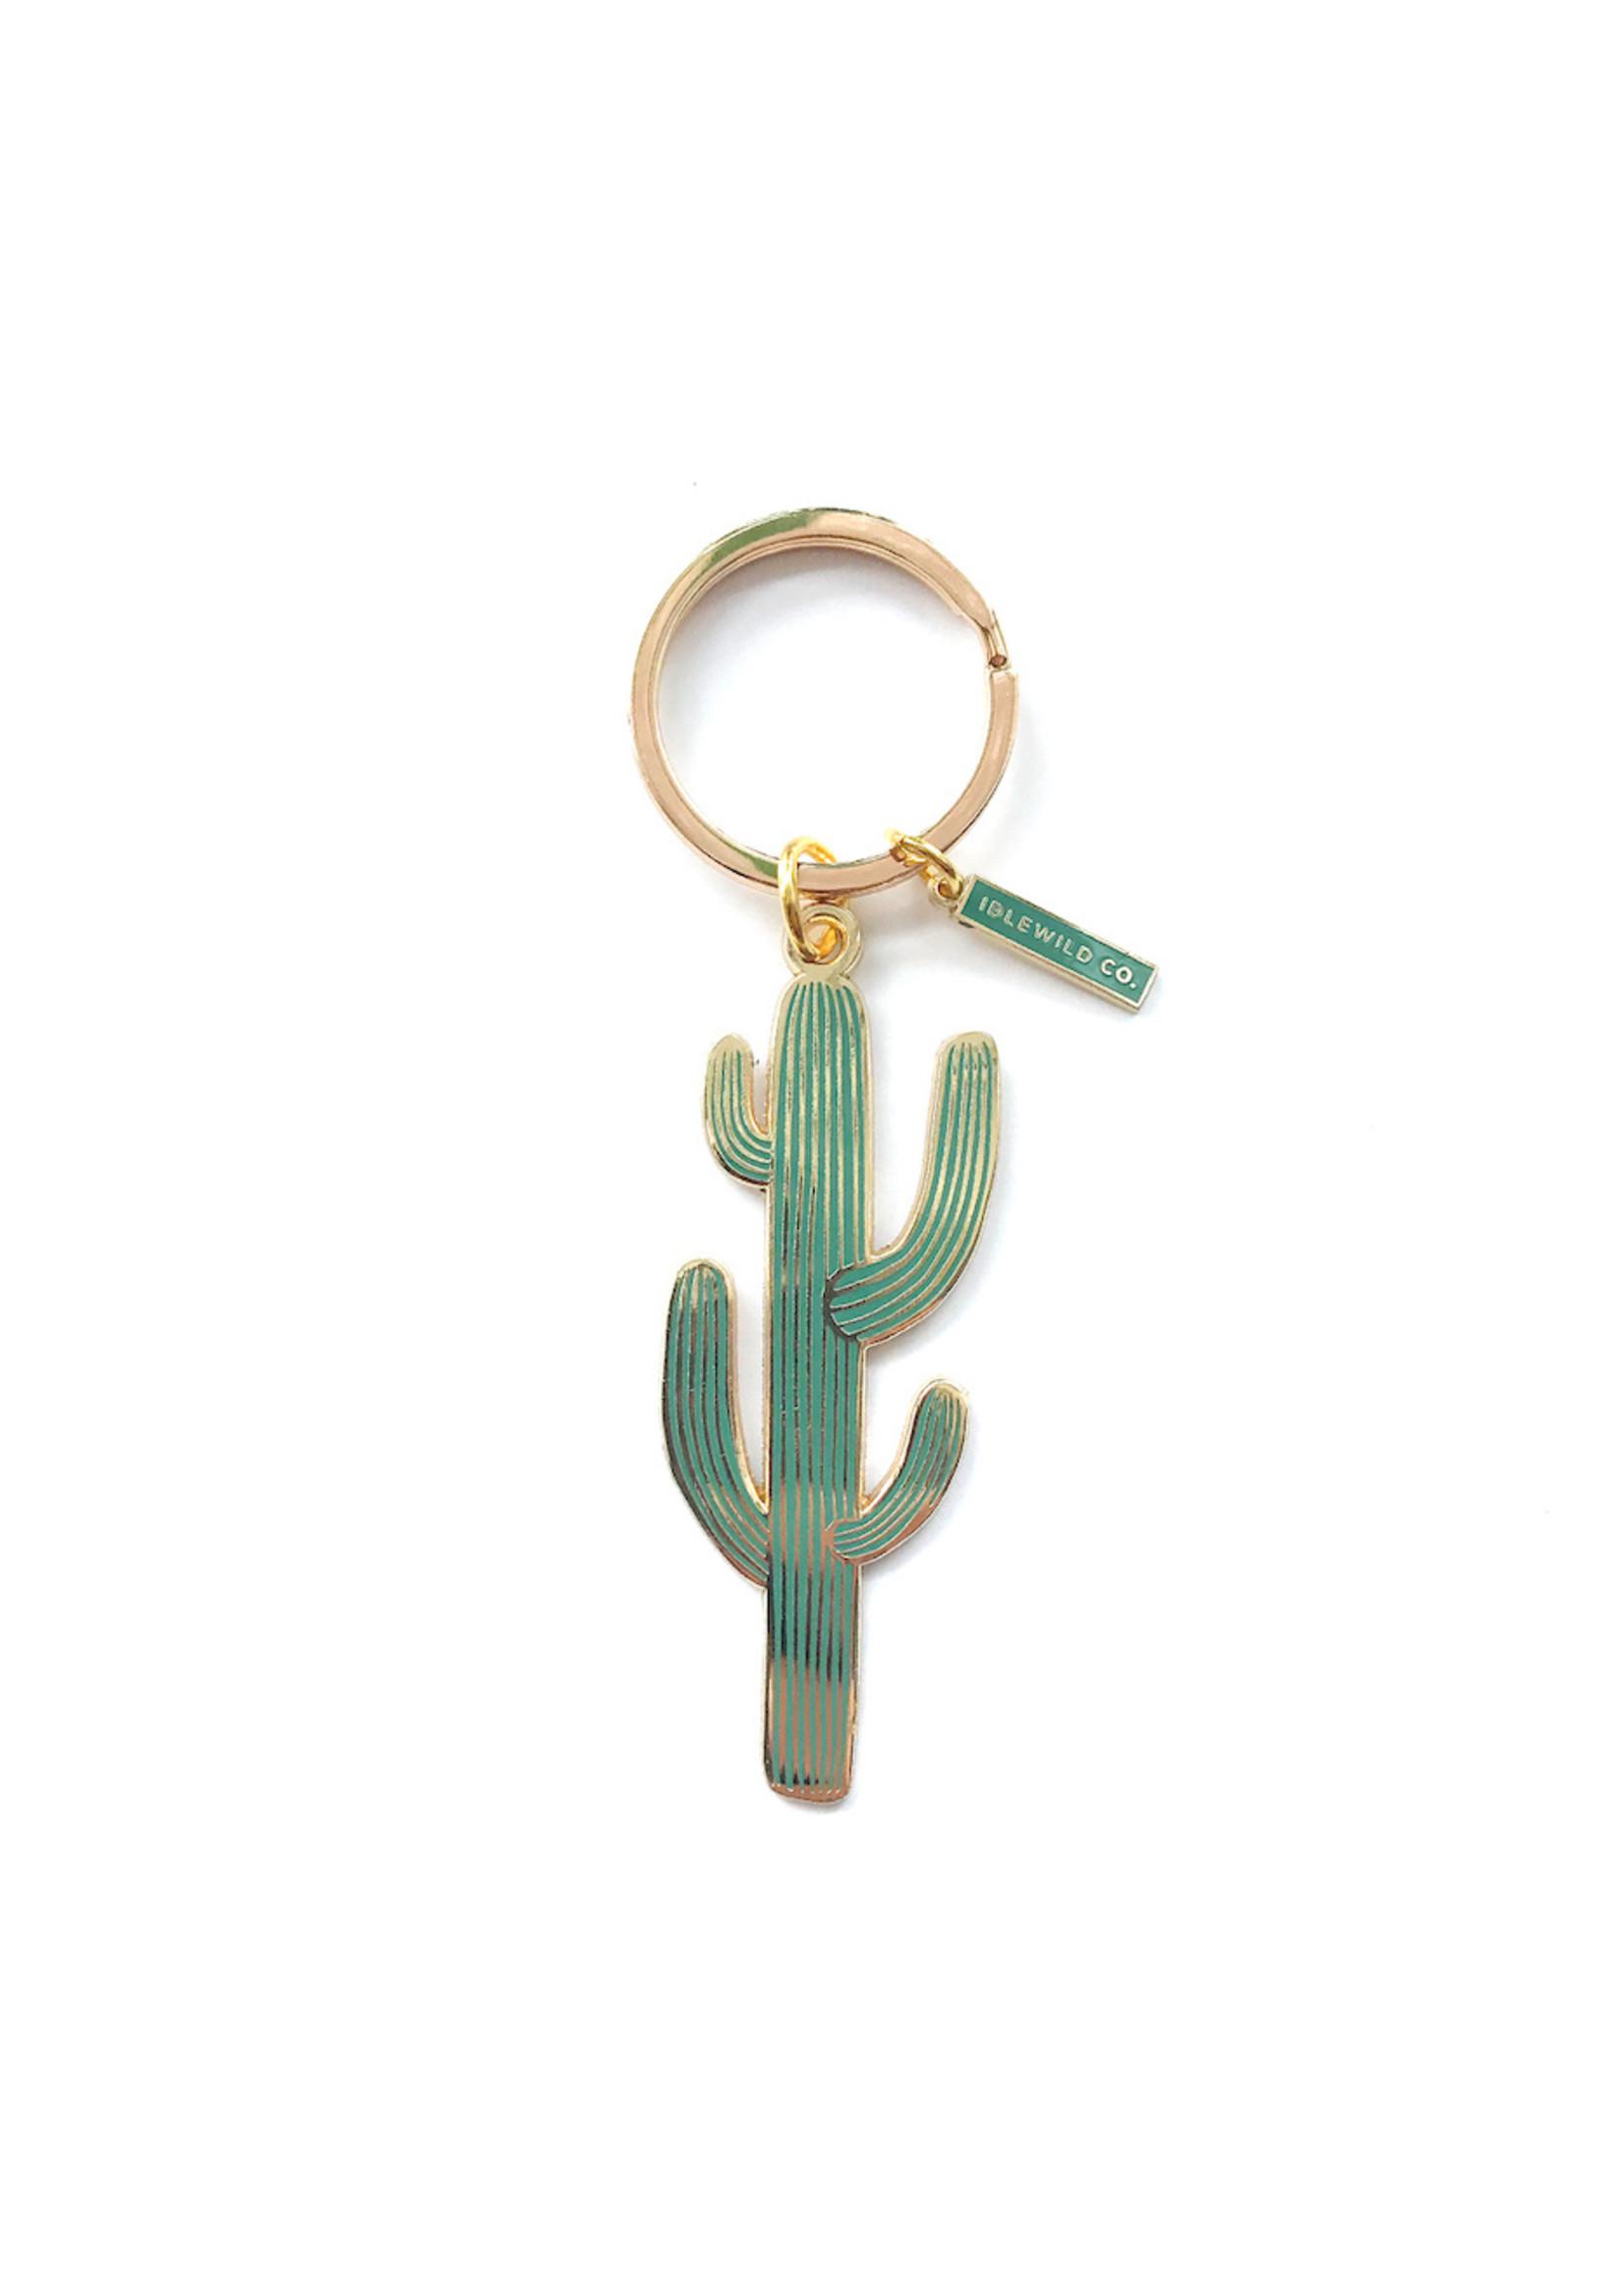 Idlewild Co. Idlewild Co. Saguaro Cactus Keychain